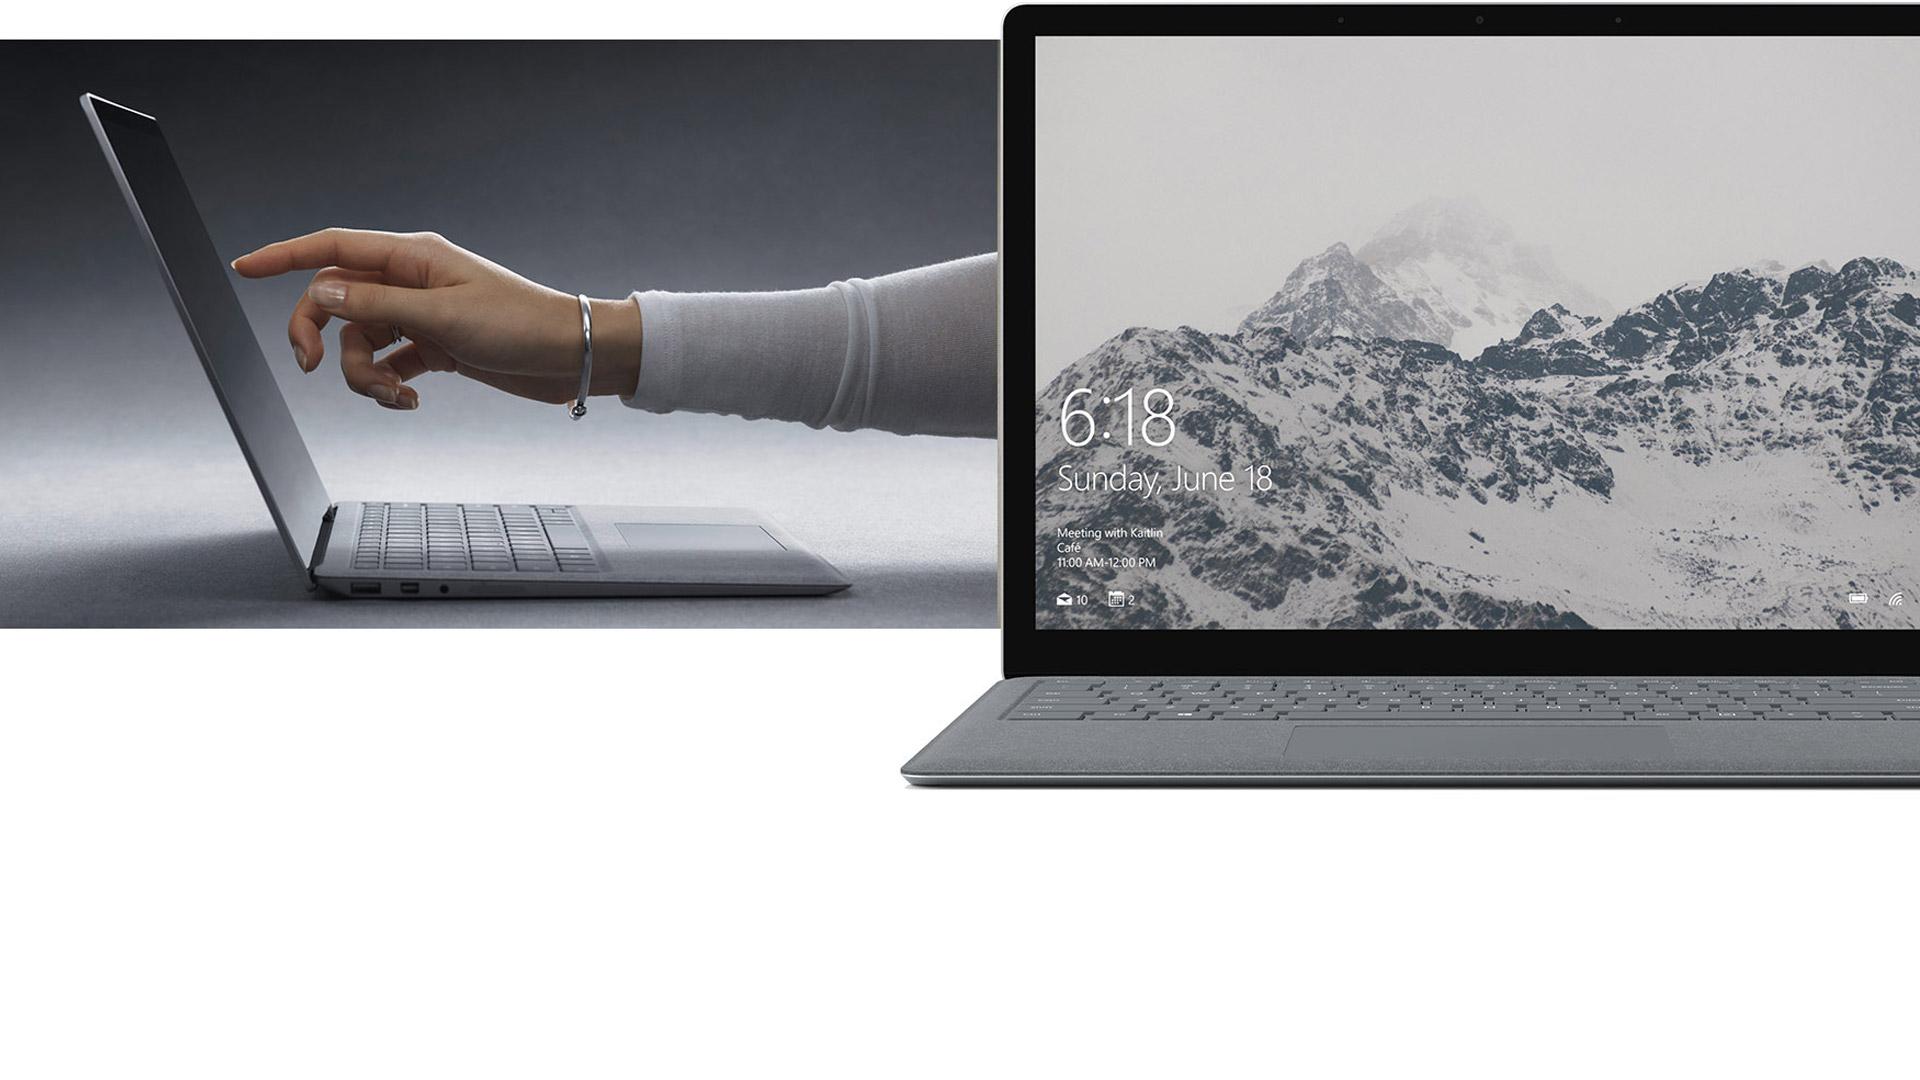 Kobieta pracująca na ekranie dotykowym laptopa Surface Laptop.